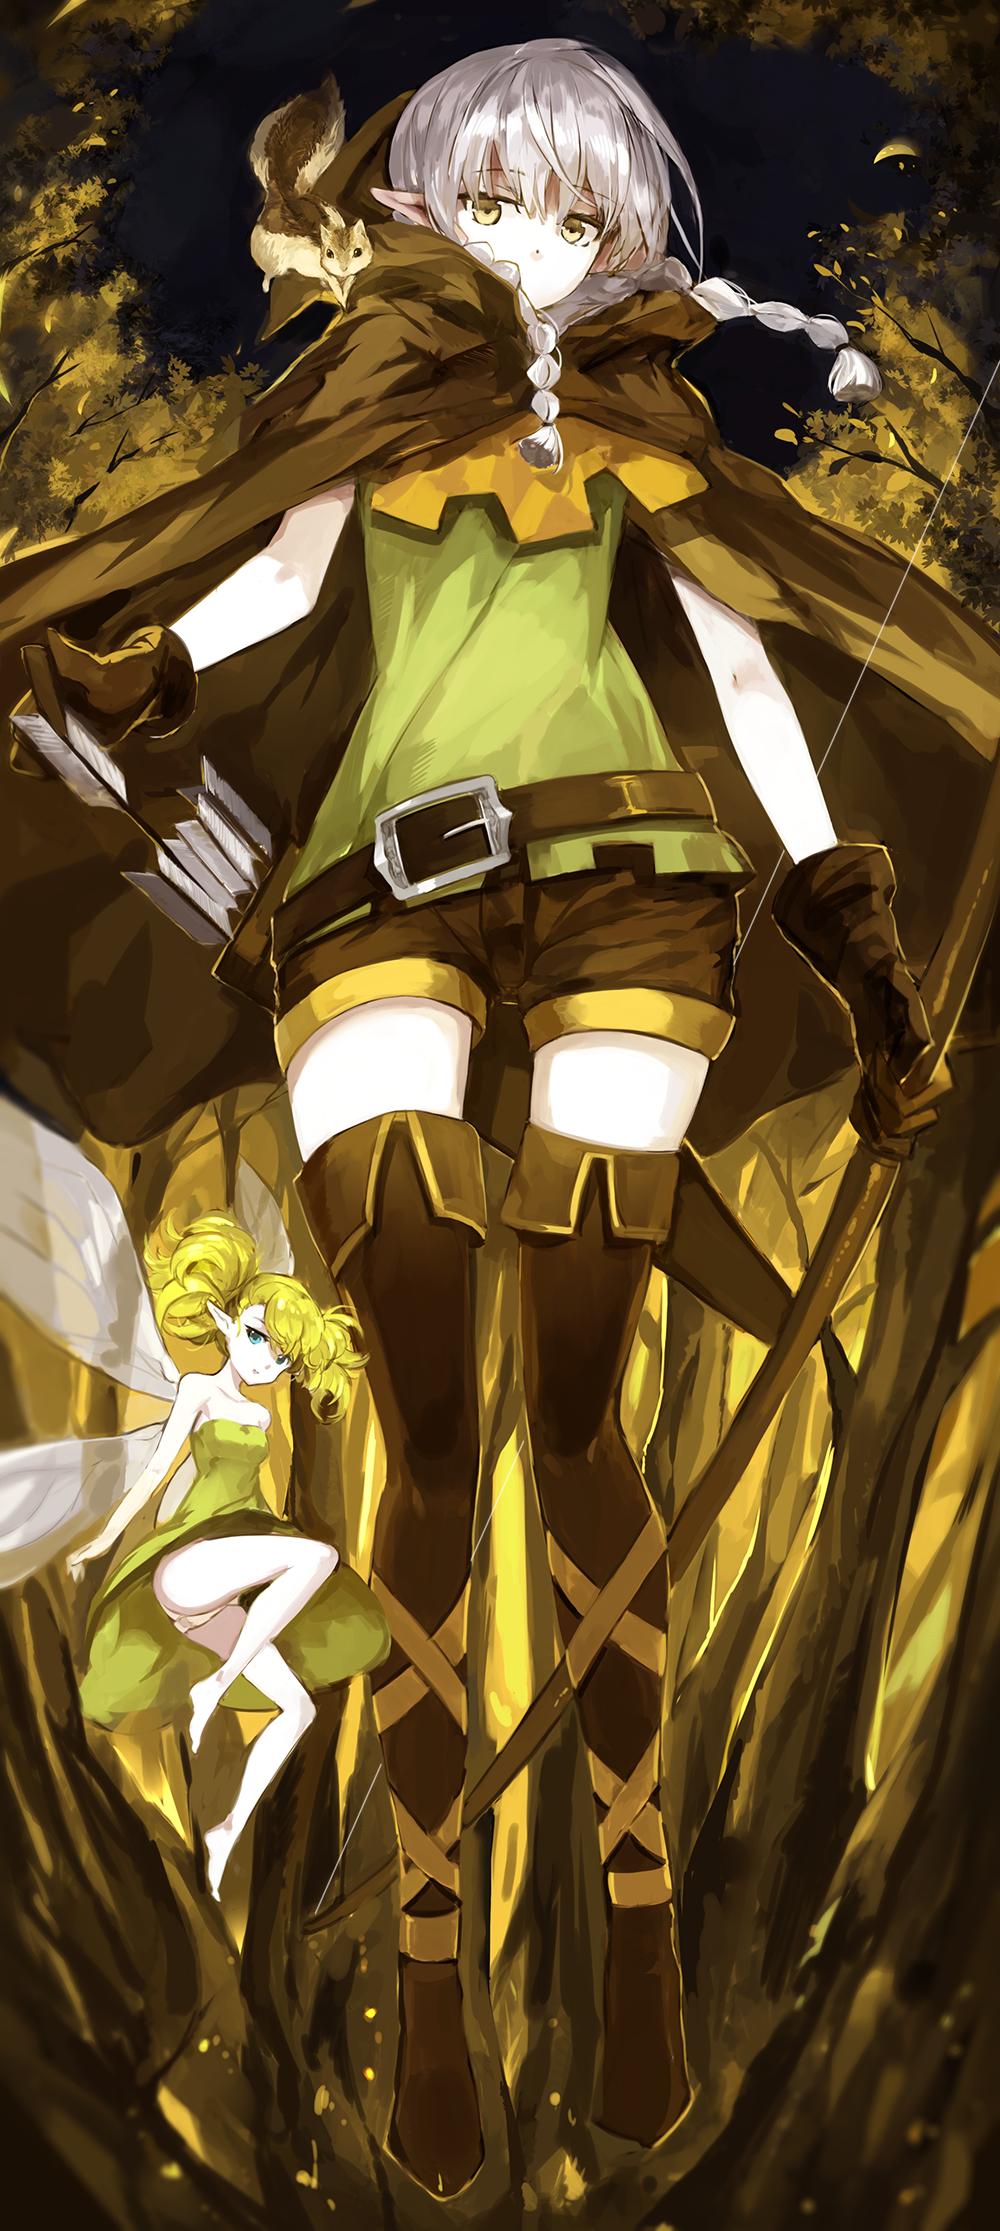 Dragon's Crown - Elf and Tiki